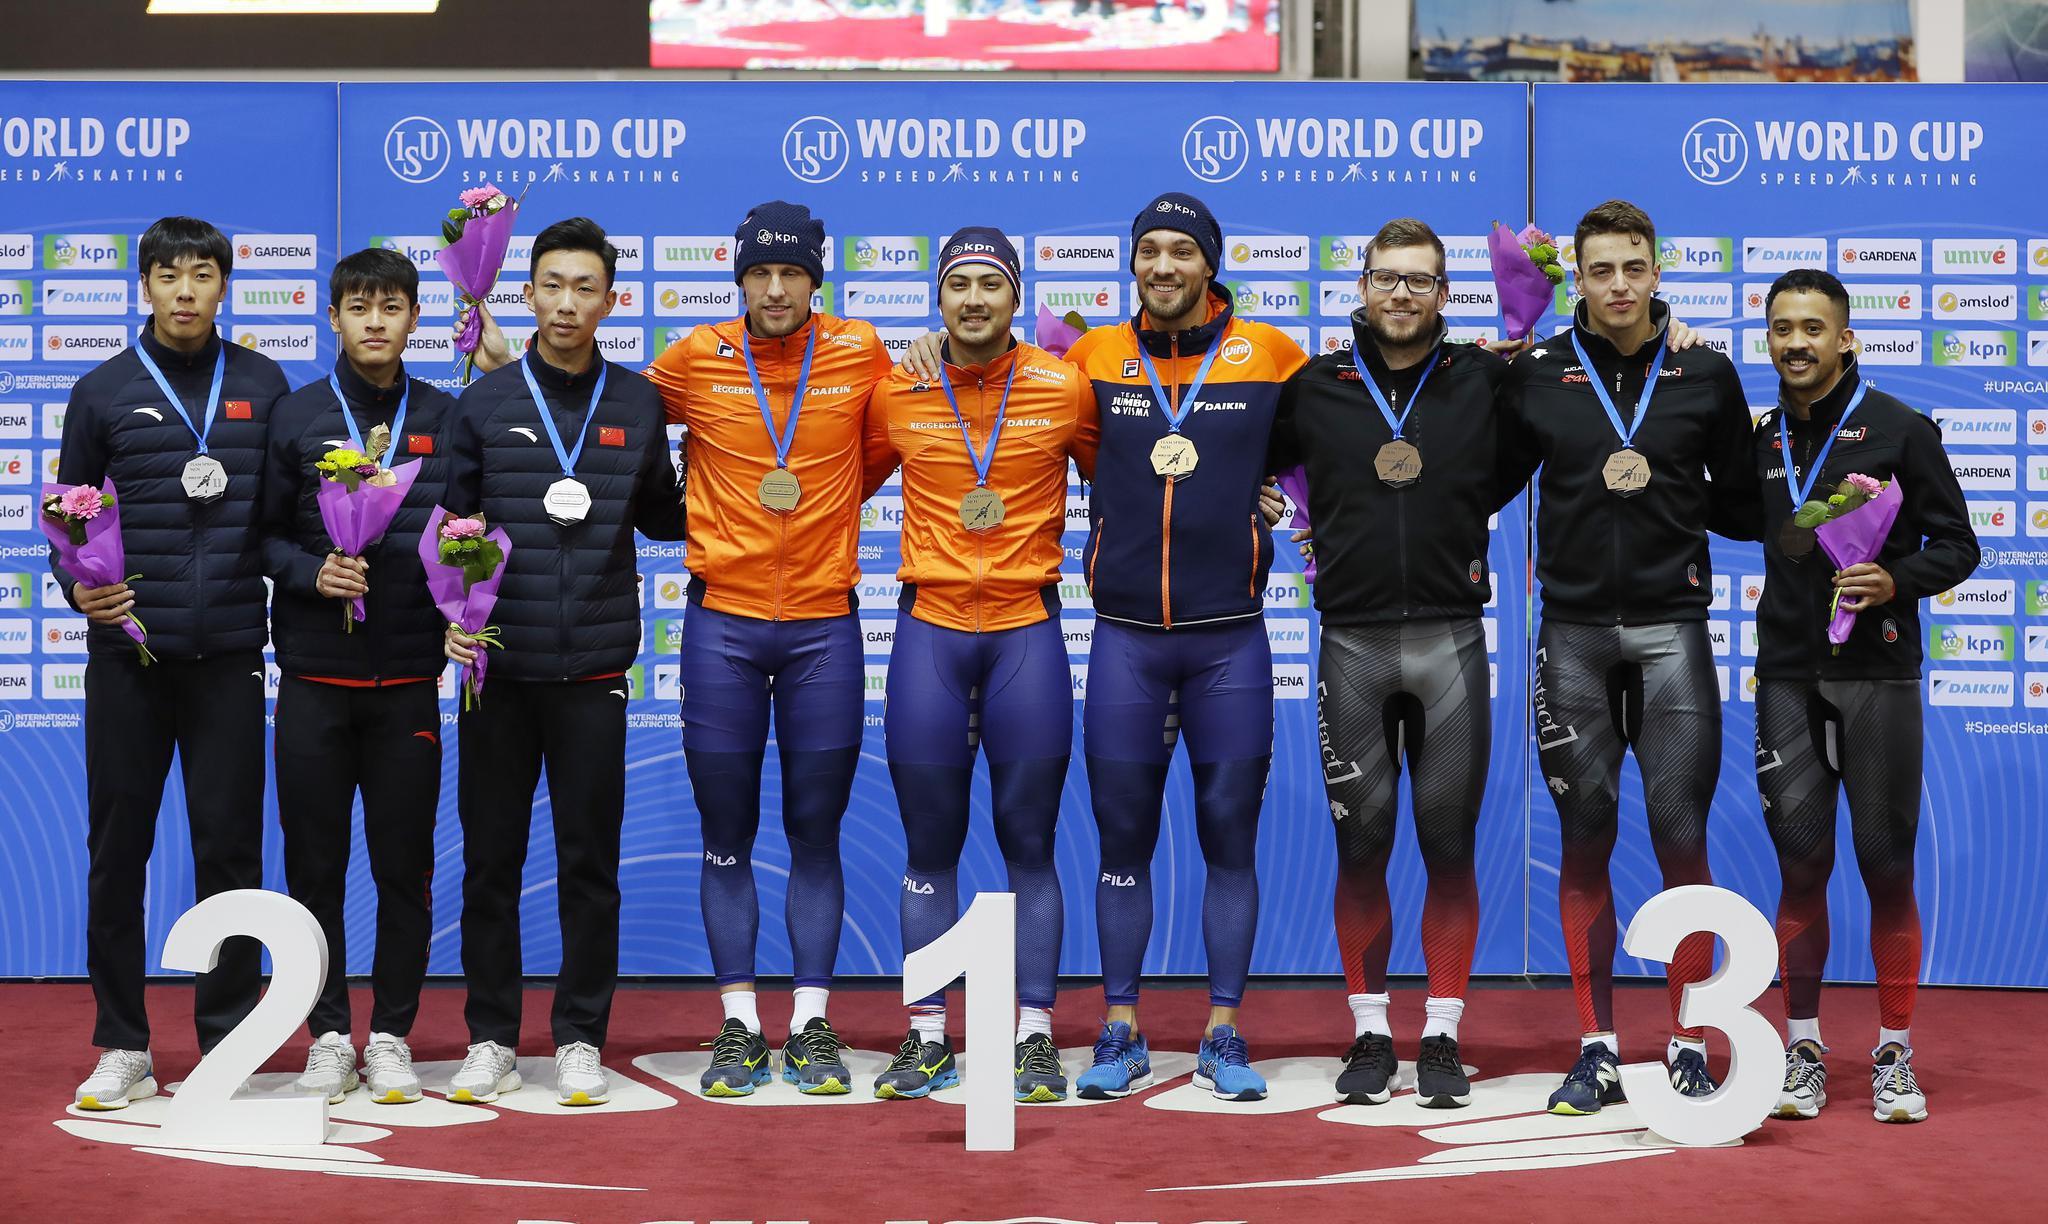 速度滑冰——世界杯明斯克站:中国队获男子团体竞速亚军